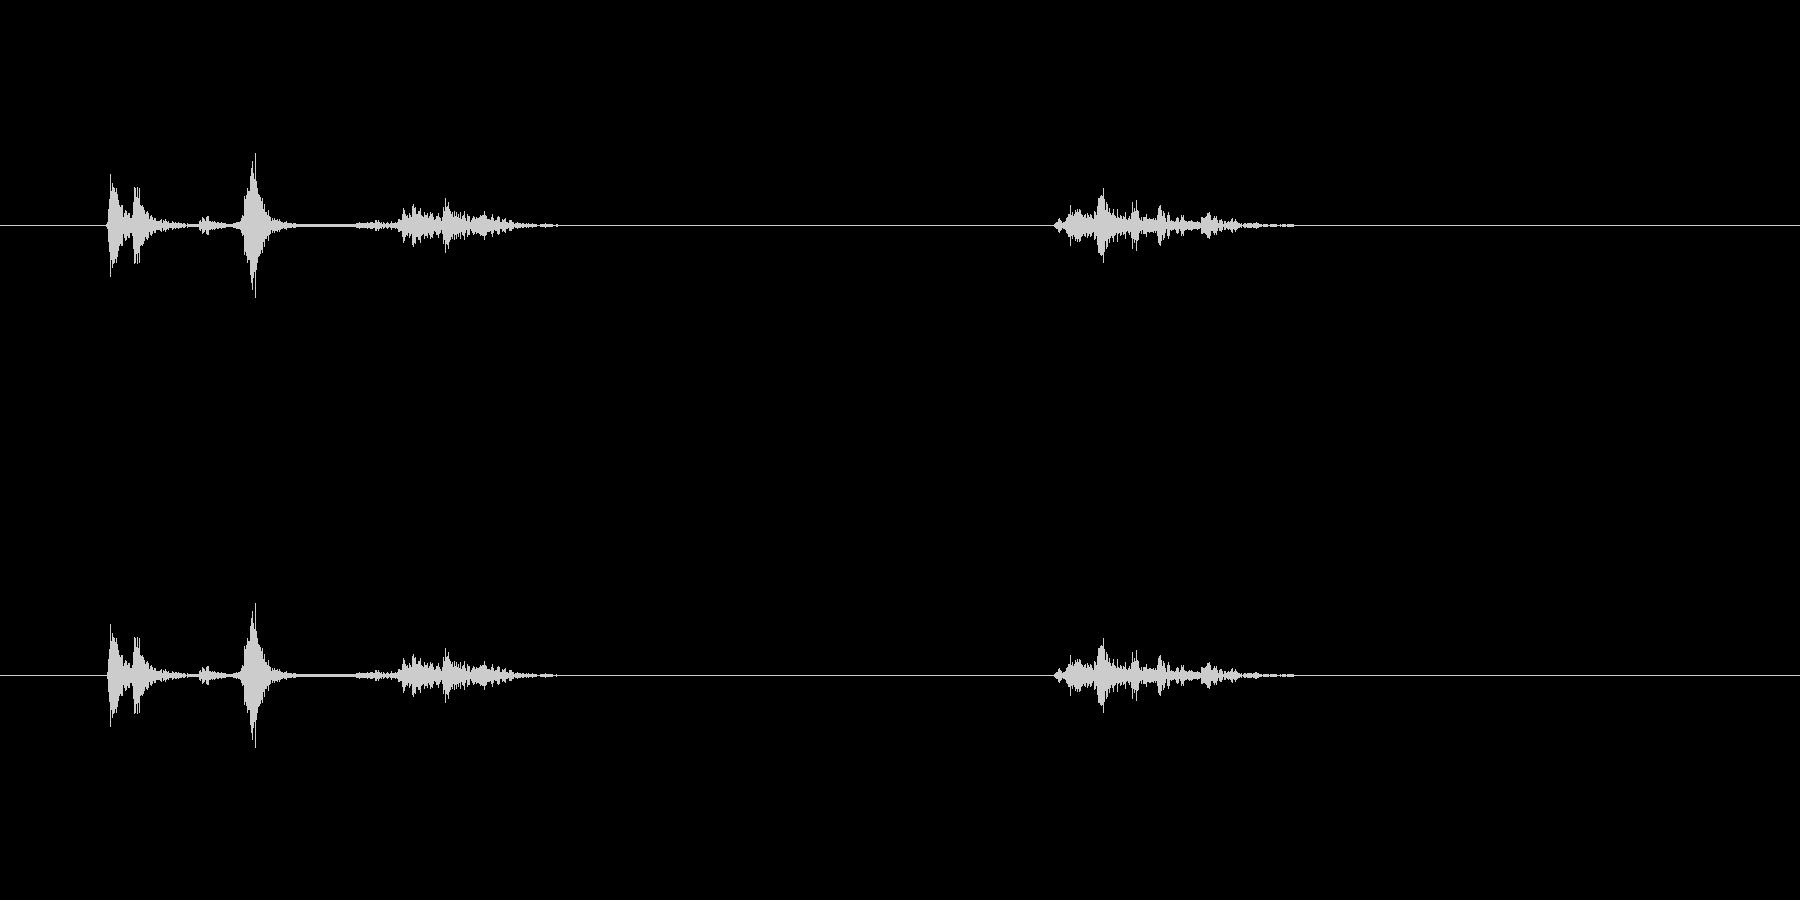 【プリンター01-on1】の未再生の波形